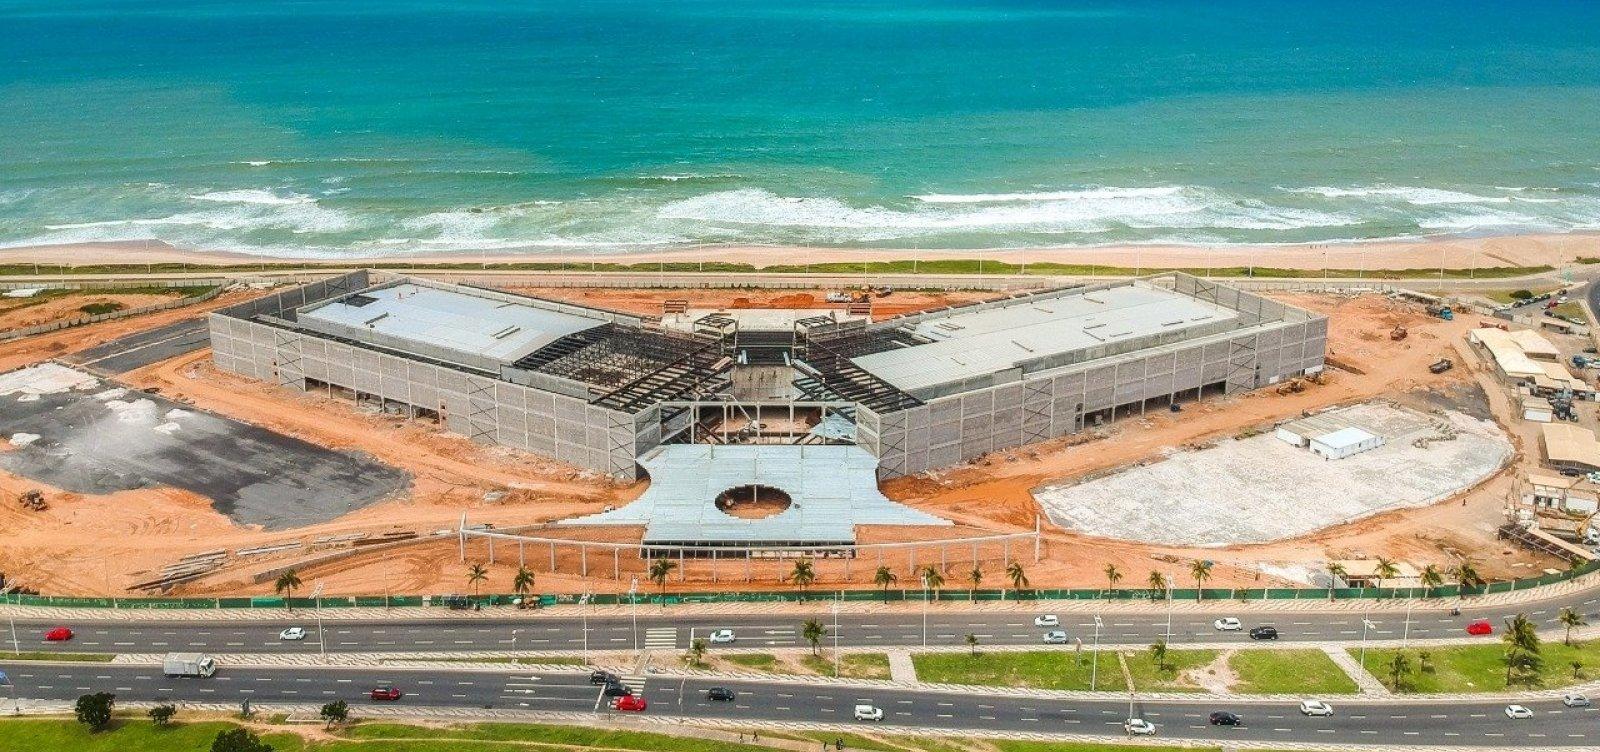 [Primeiro evento do Centro de Convenções de Salvador será no dia 15 de março]